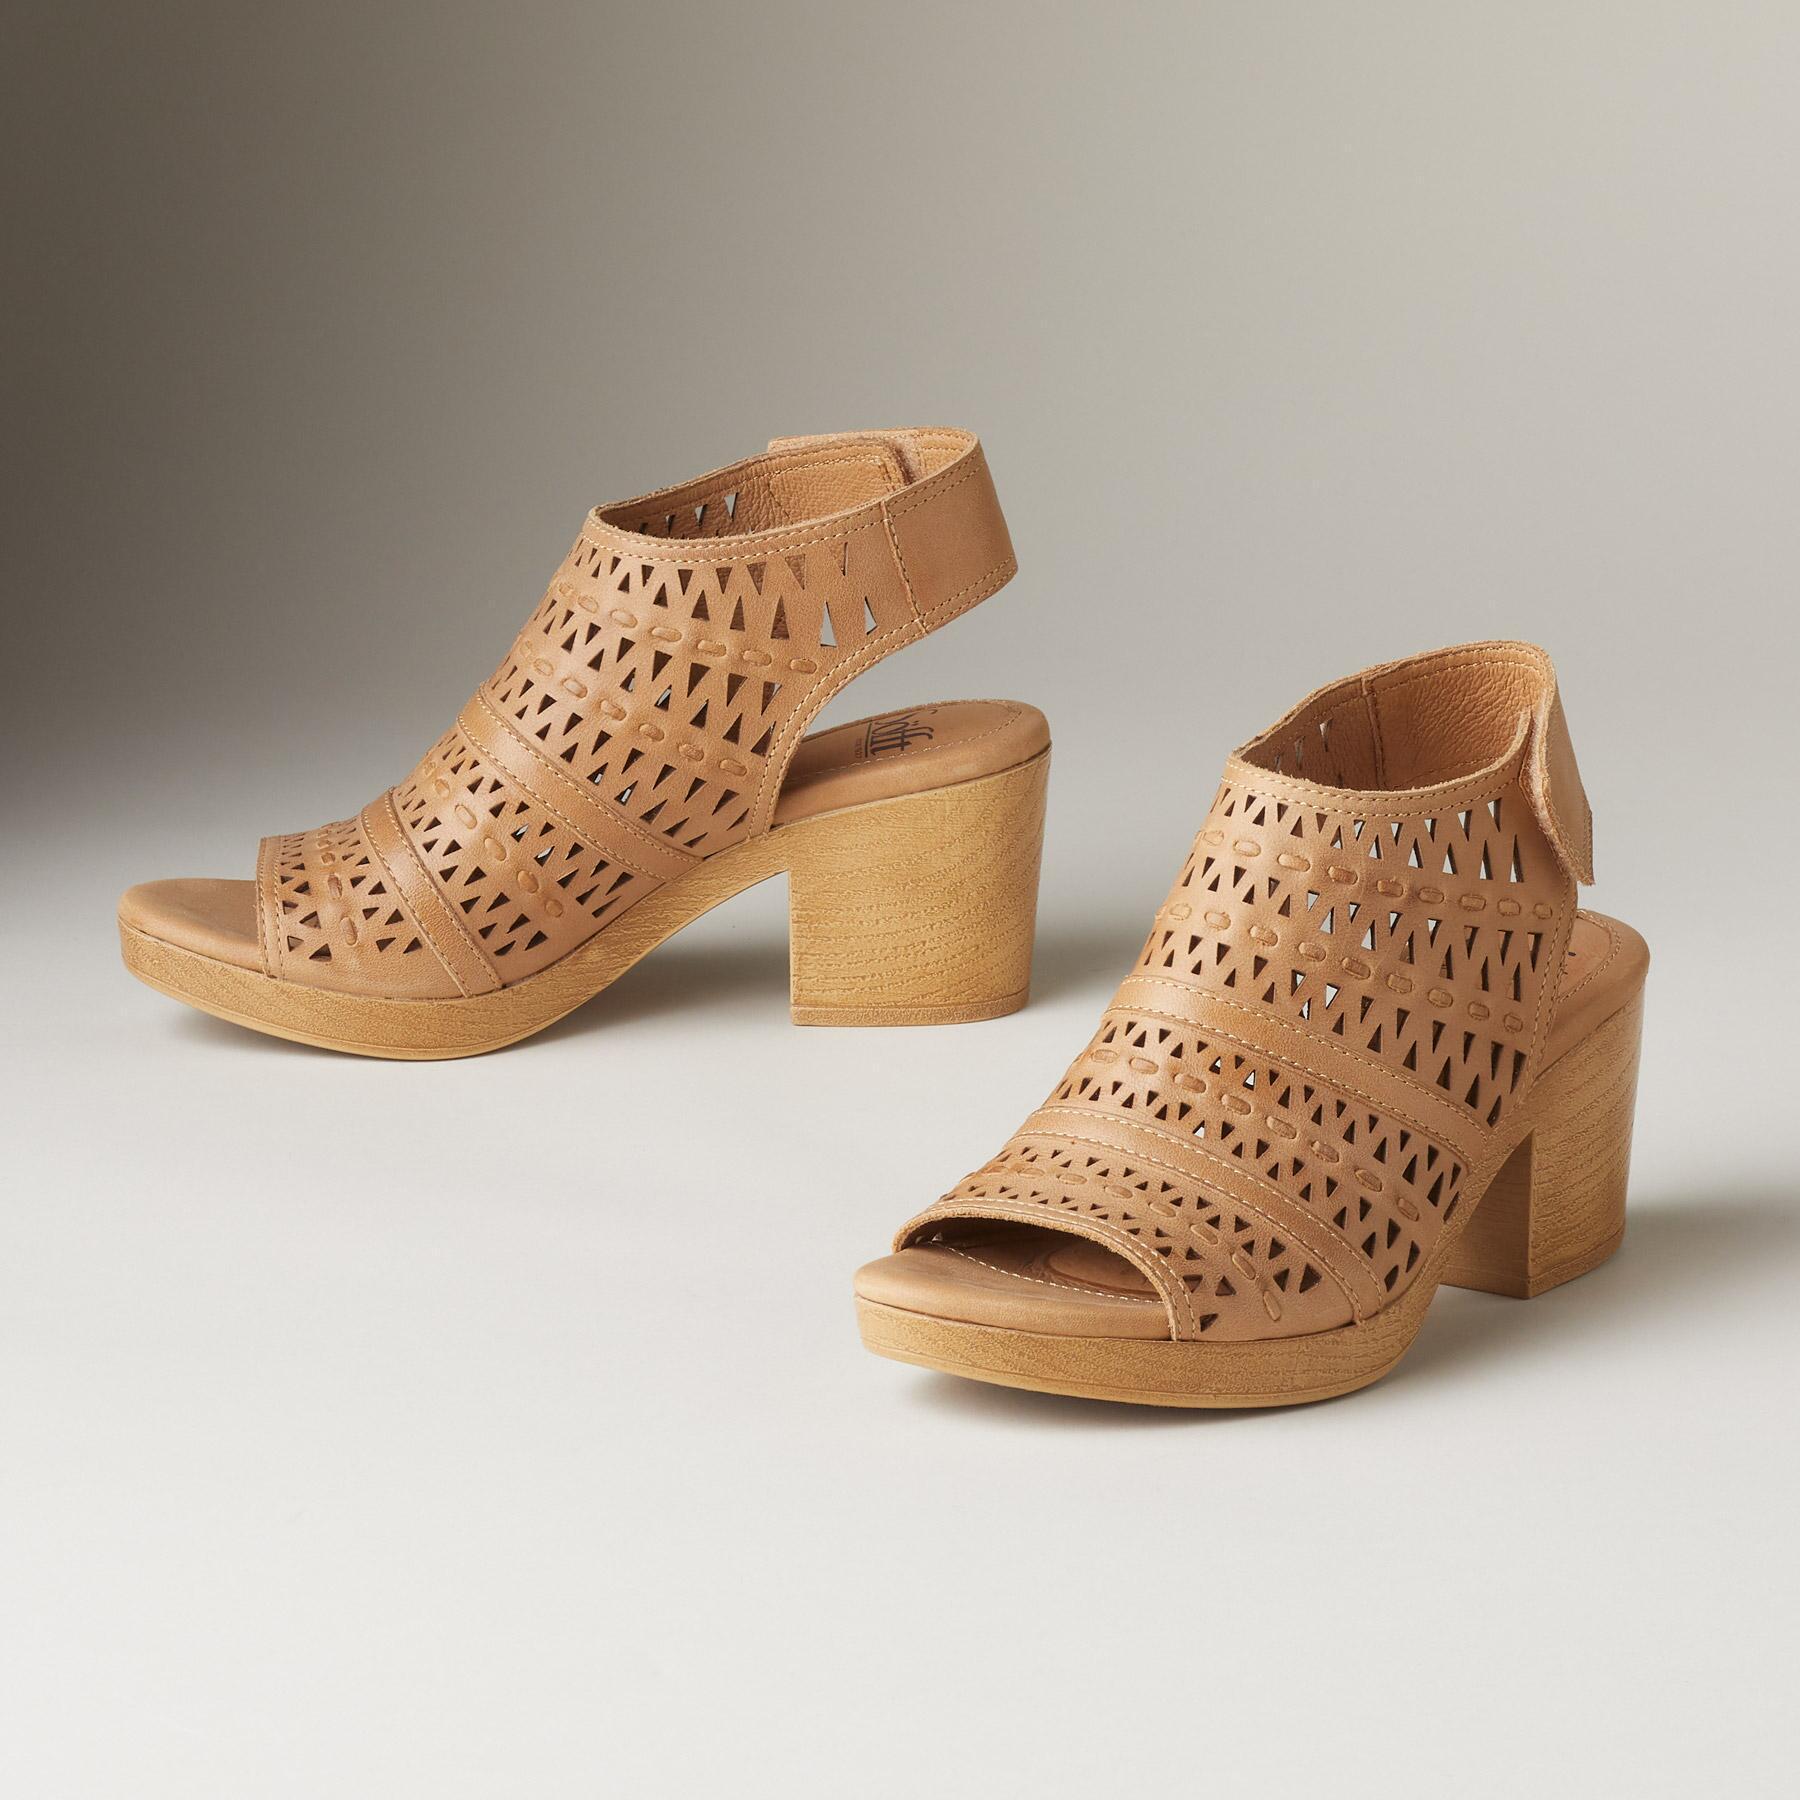 Ophia Sandals